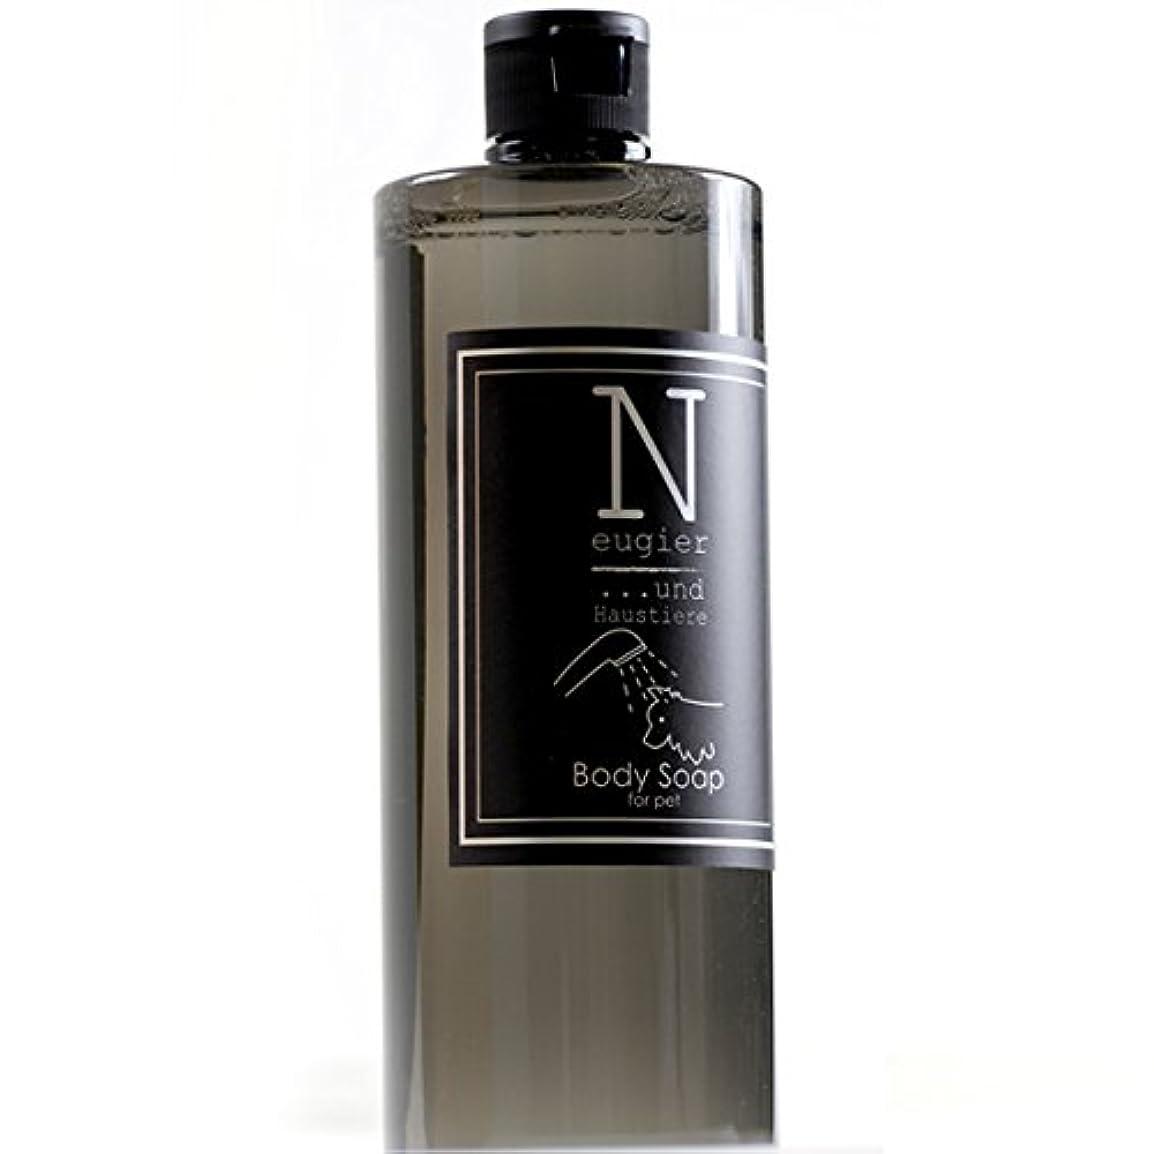 記憶連合がんばり続けるNeugier ケアシリーズ body Soap (ボディーソープ/ペットシャンプー) (500)